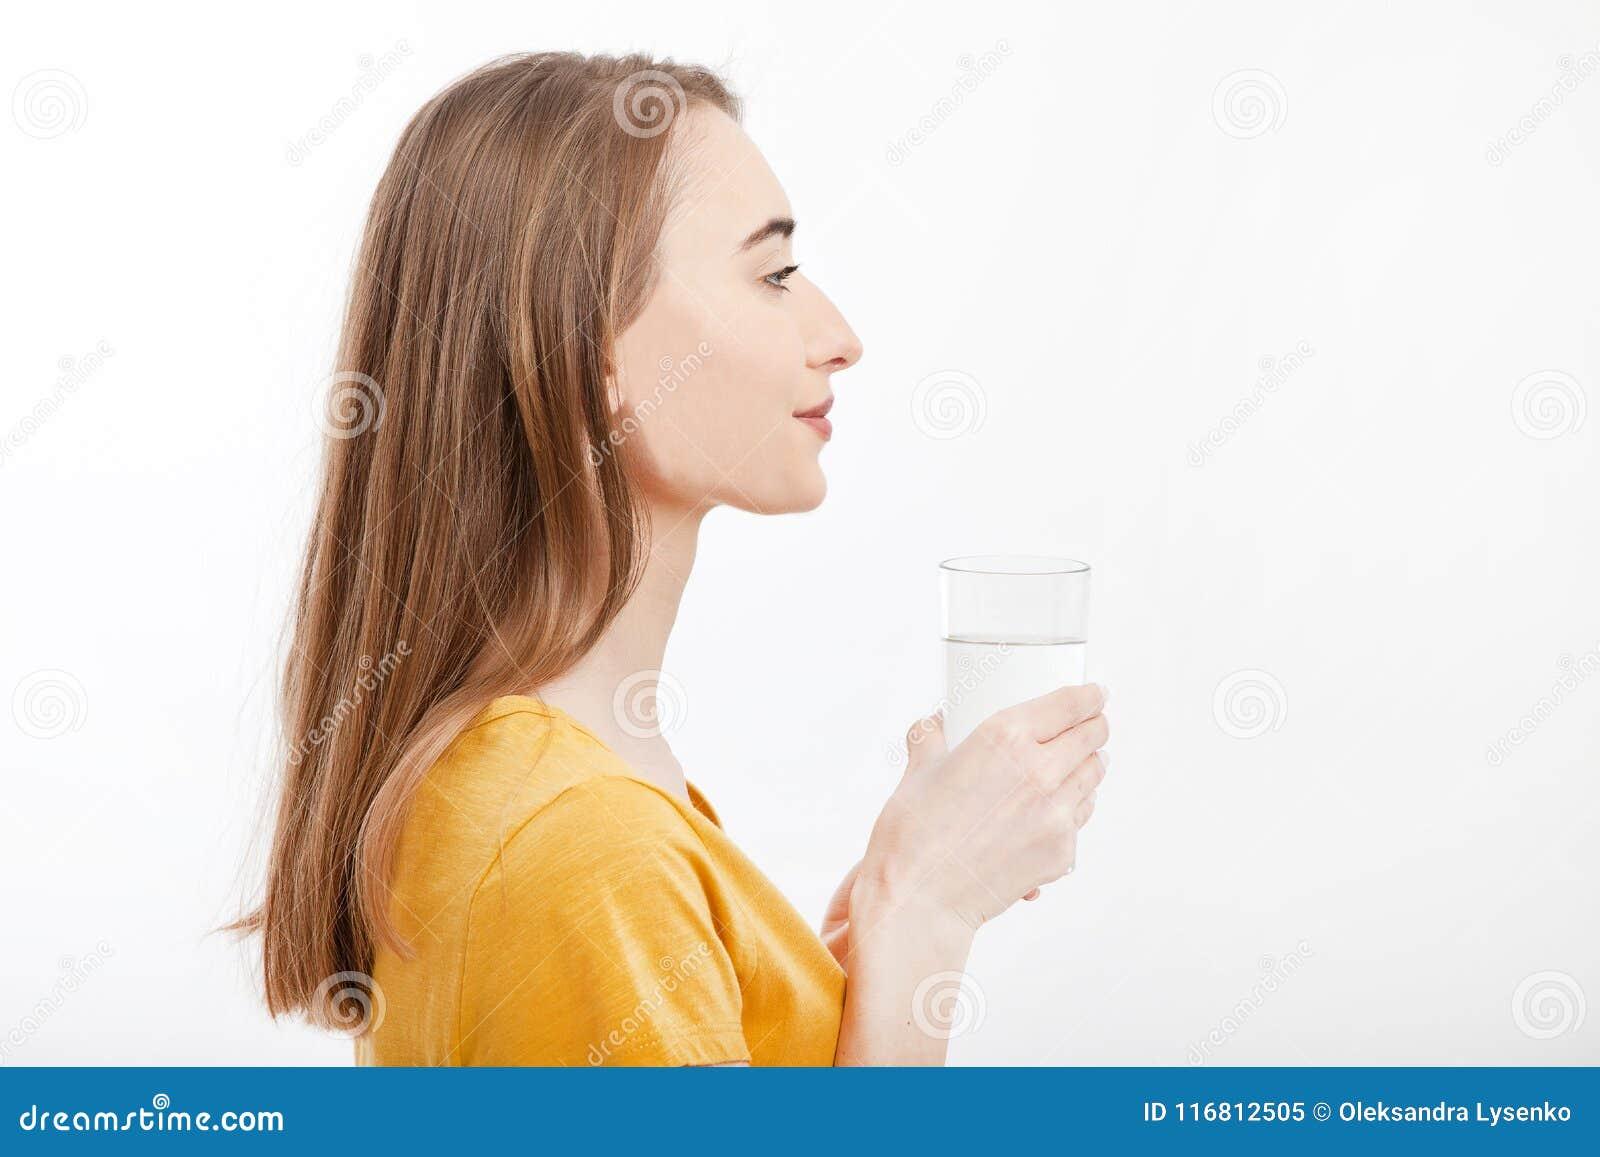 Ritratto della giovane donna sorridente che sta nel profilo e che tiene un bicchiere d acqua Priorità bassa bianca Derisione su